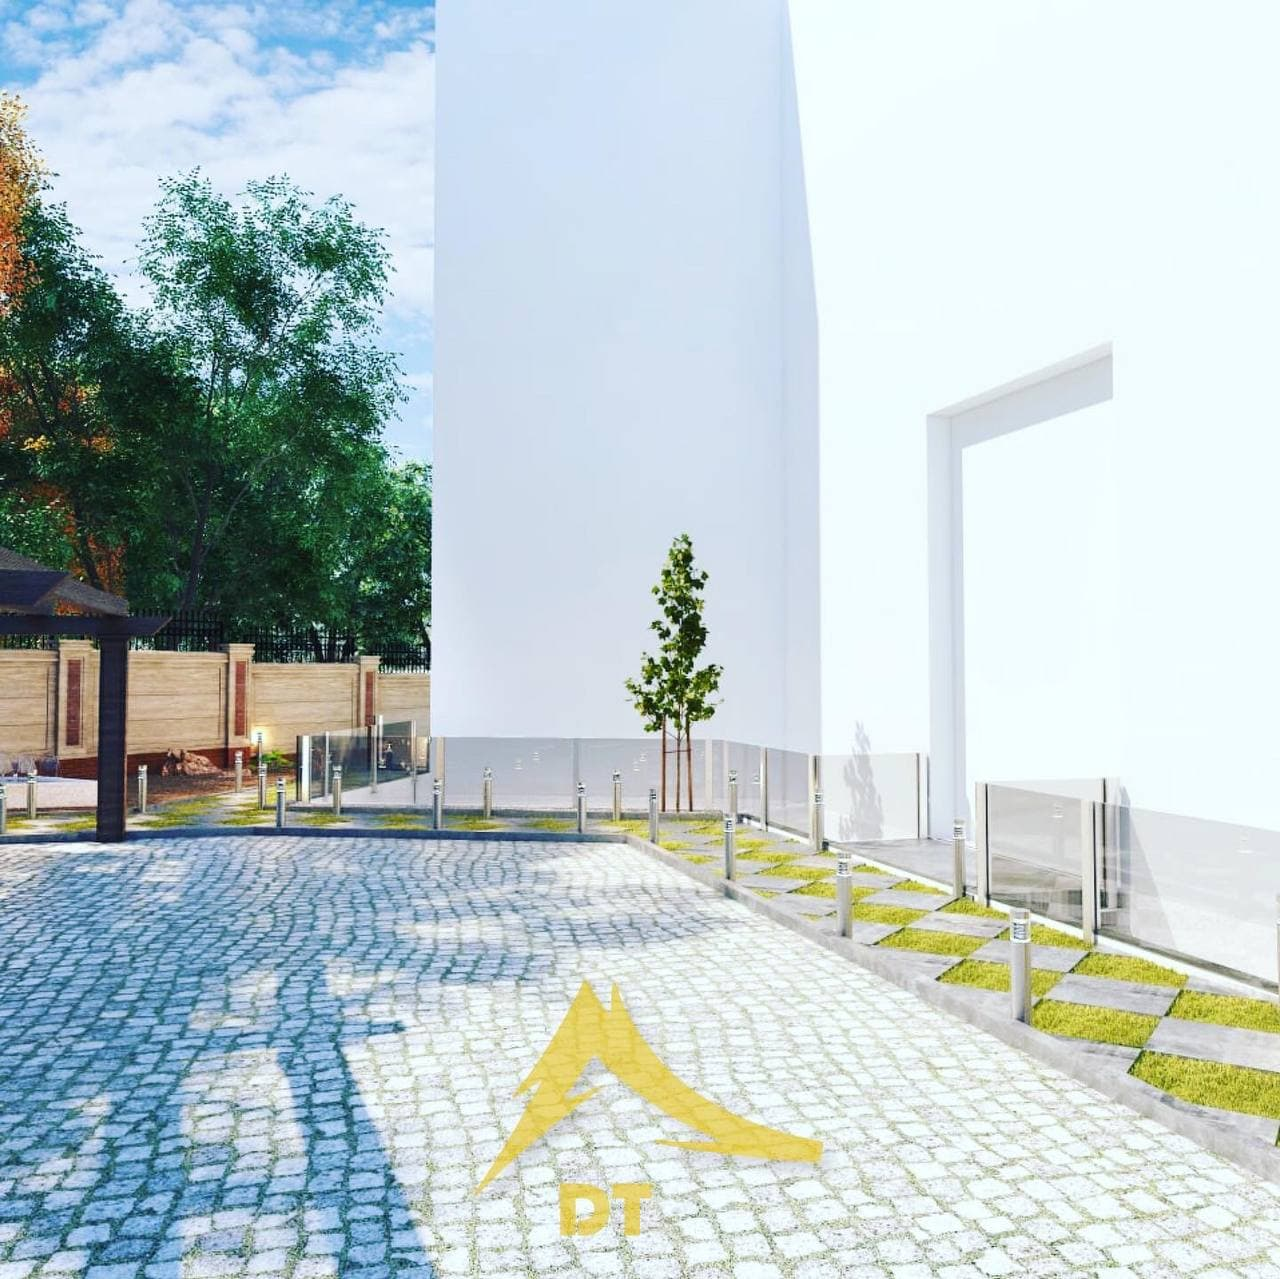 شرکت معماری و دکوراسیون داخلی دکوطرح - nama landscape 5